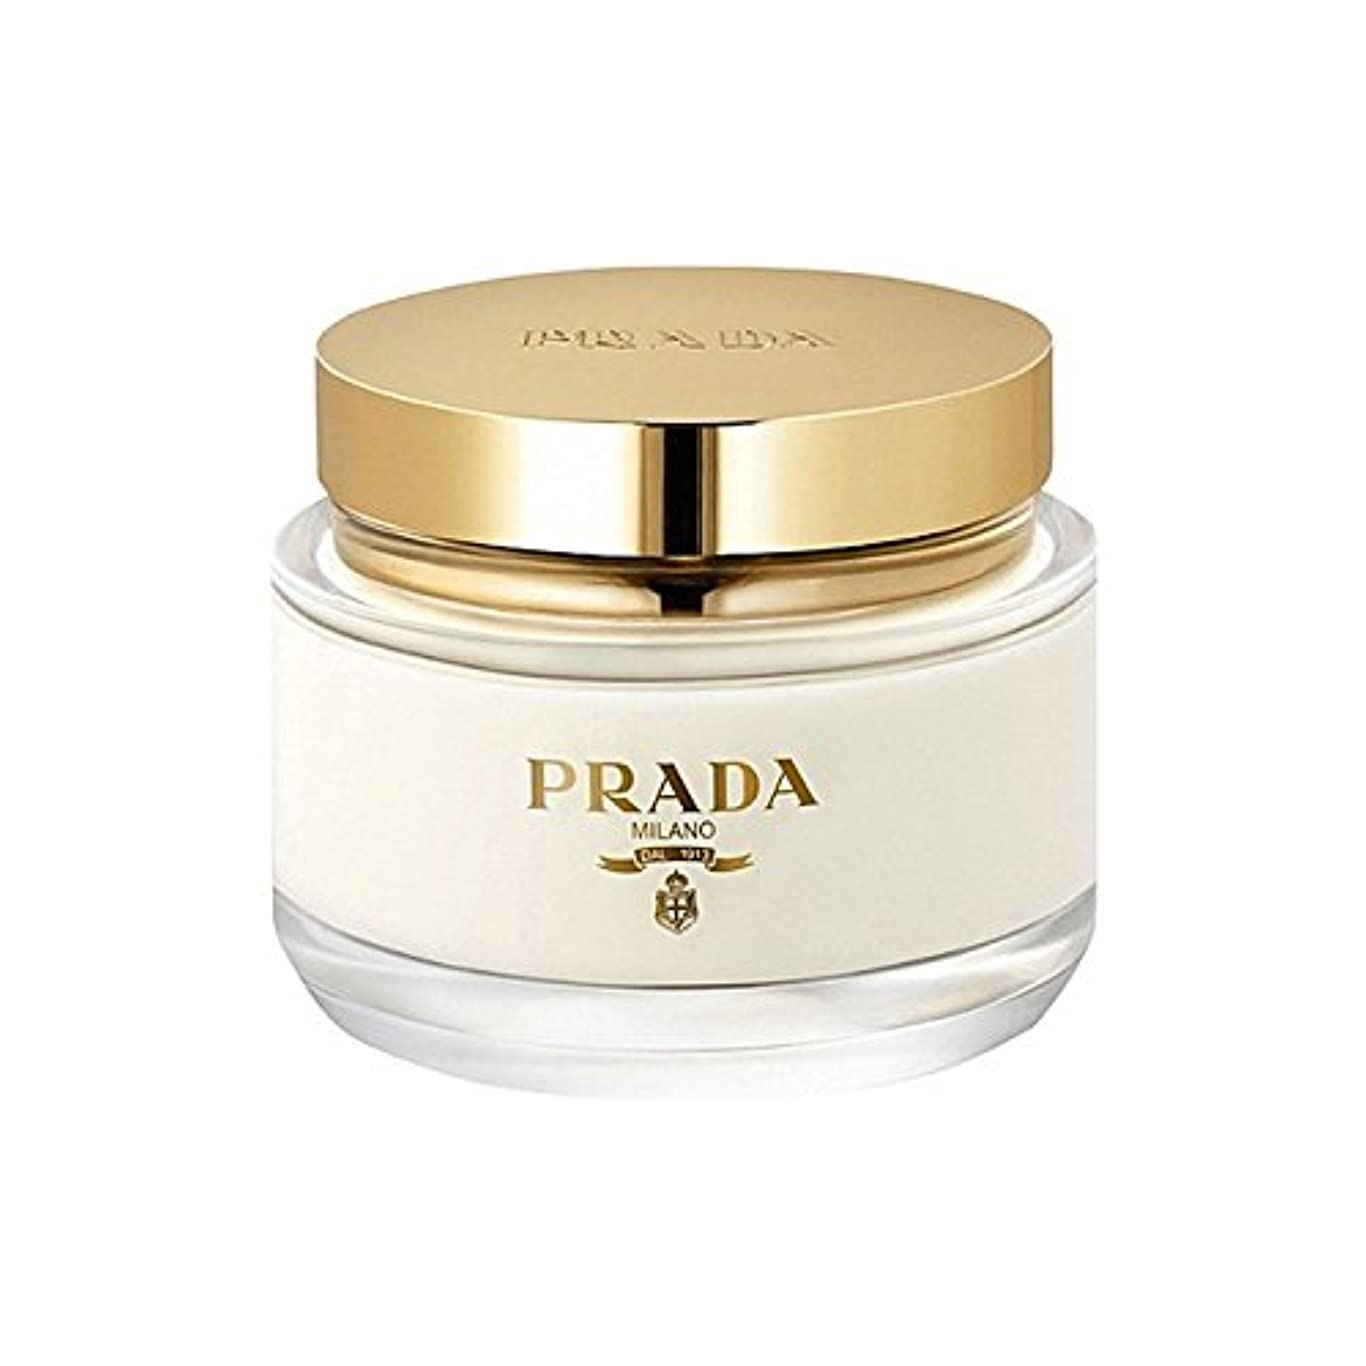 保守的ミンチ現在プラダラファムボディローション200 x4 - Prada La Femme Body Lotion 200ml (Pack of 4) [並行輸入品]